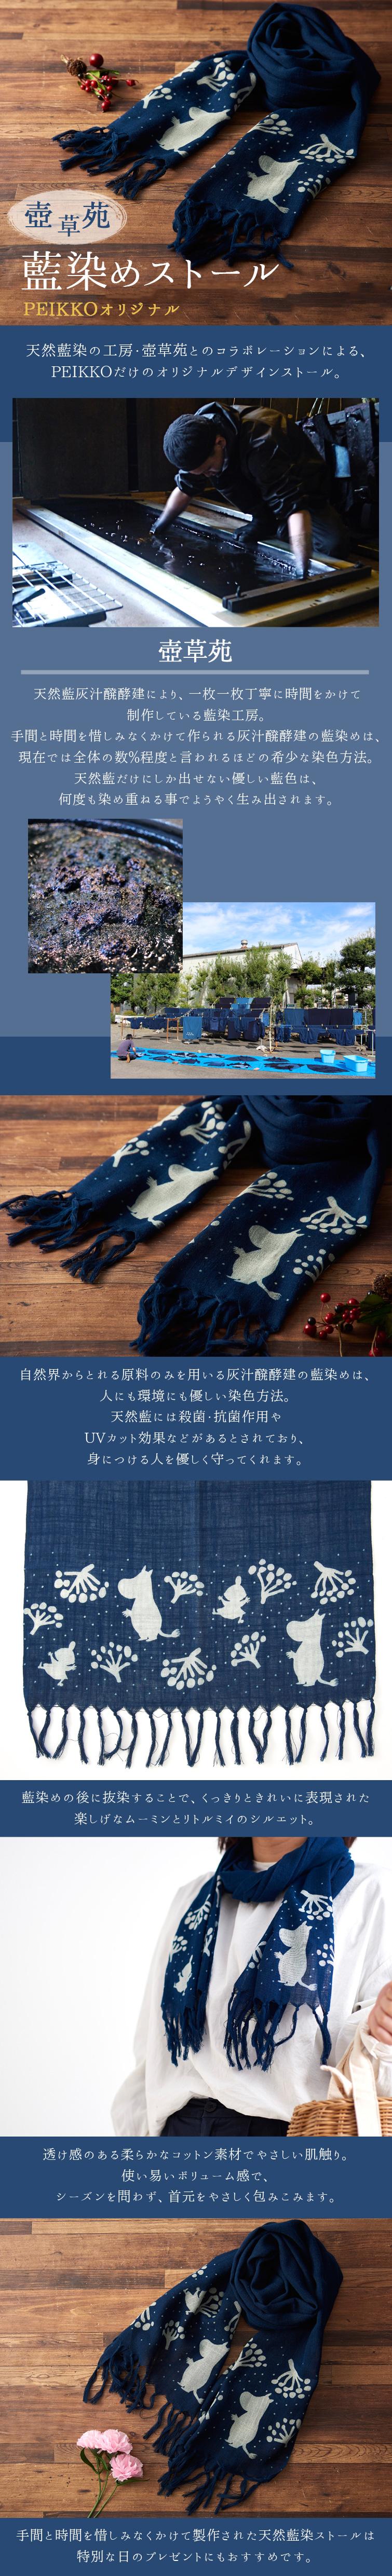 ムーミン公式オンラインショップPEIKKO PEIKKOオリジナル 壺草苑 天然藍染ストール